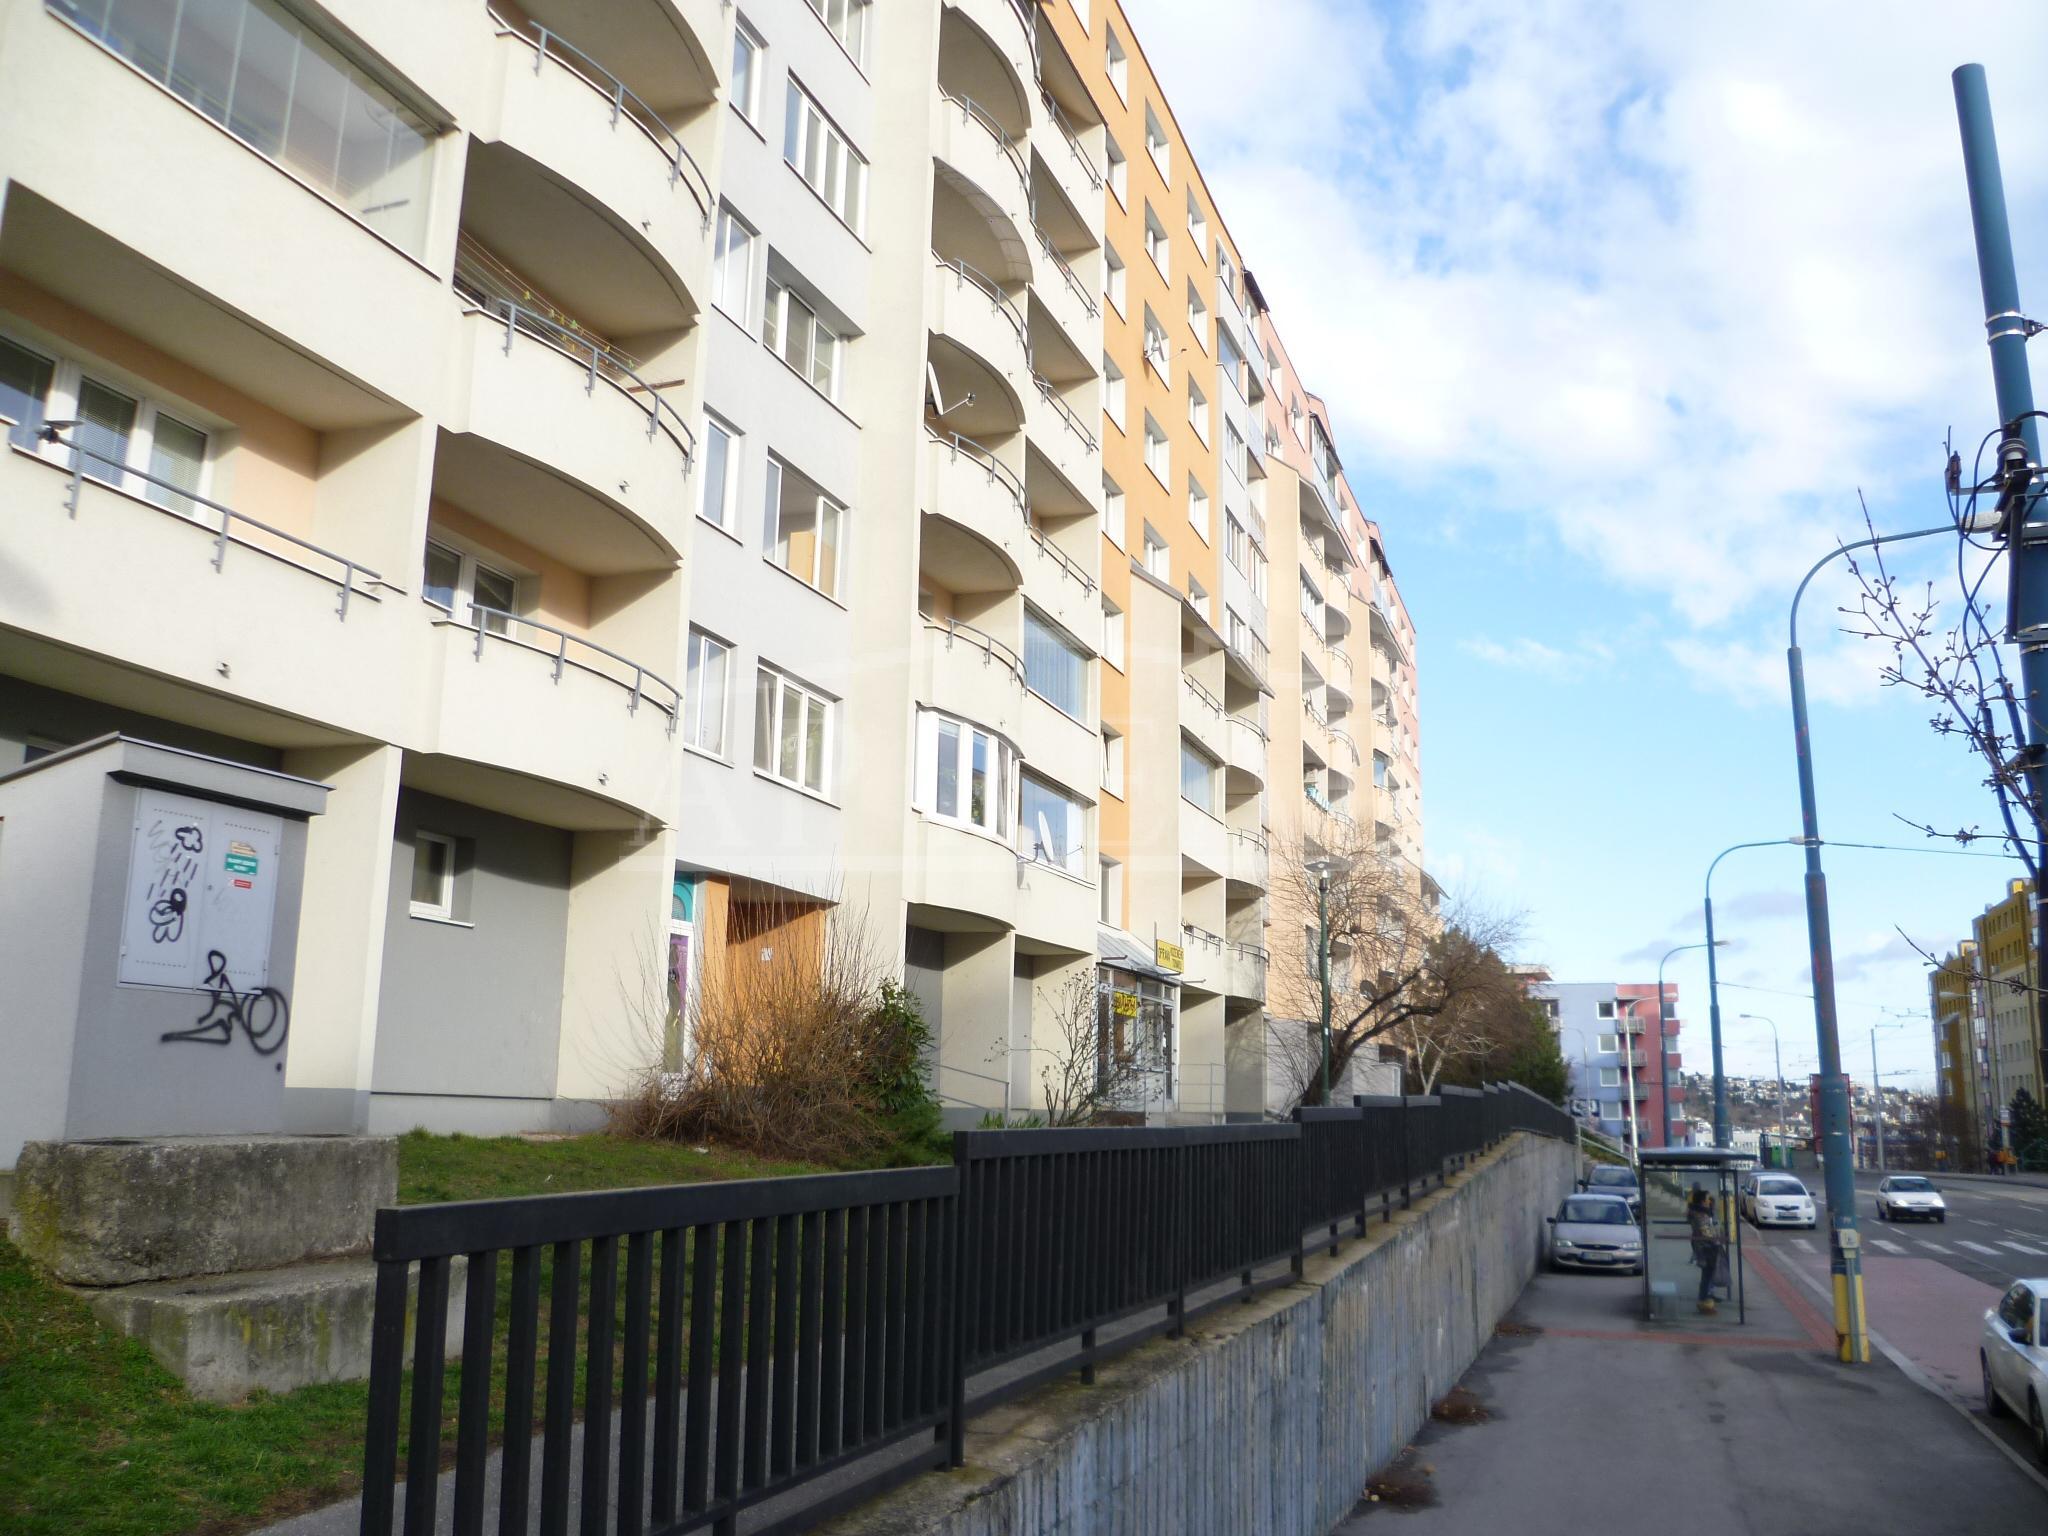 Nájom 3i zariadený byt, 63 m2, ul. Hany Meličkovej, Bratislava-Karlova Ves